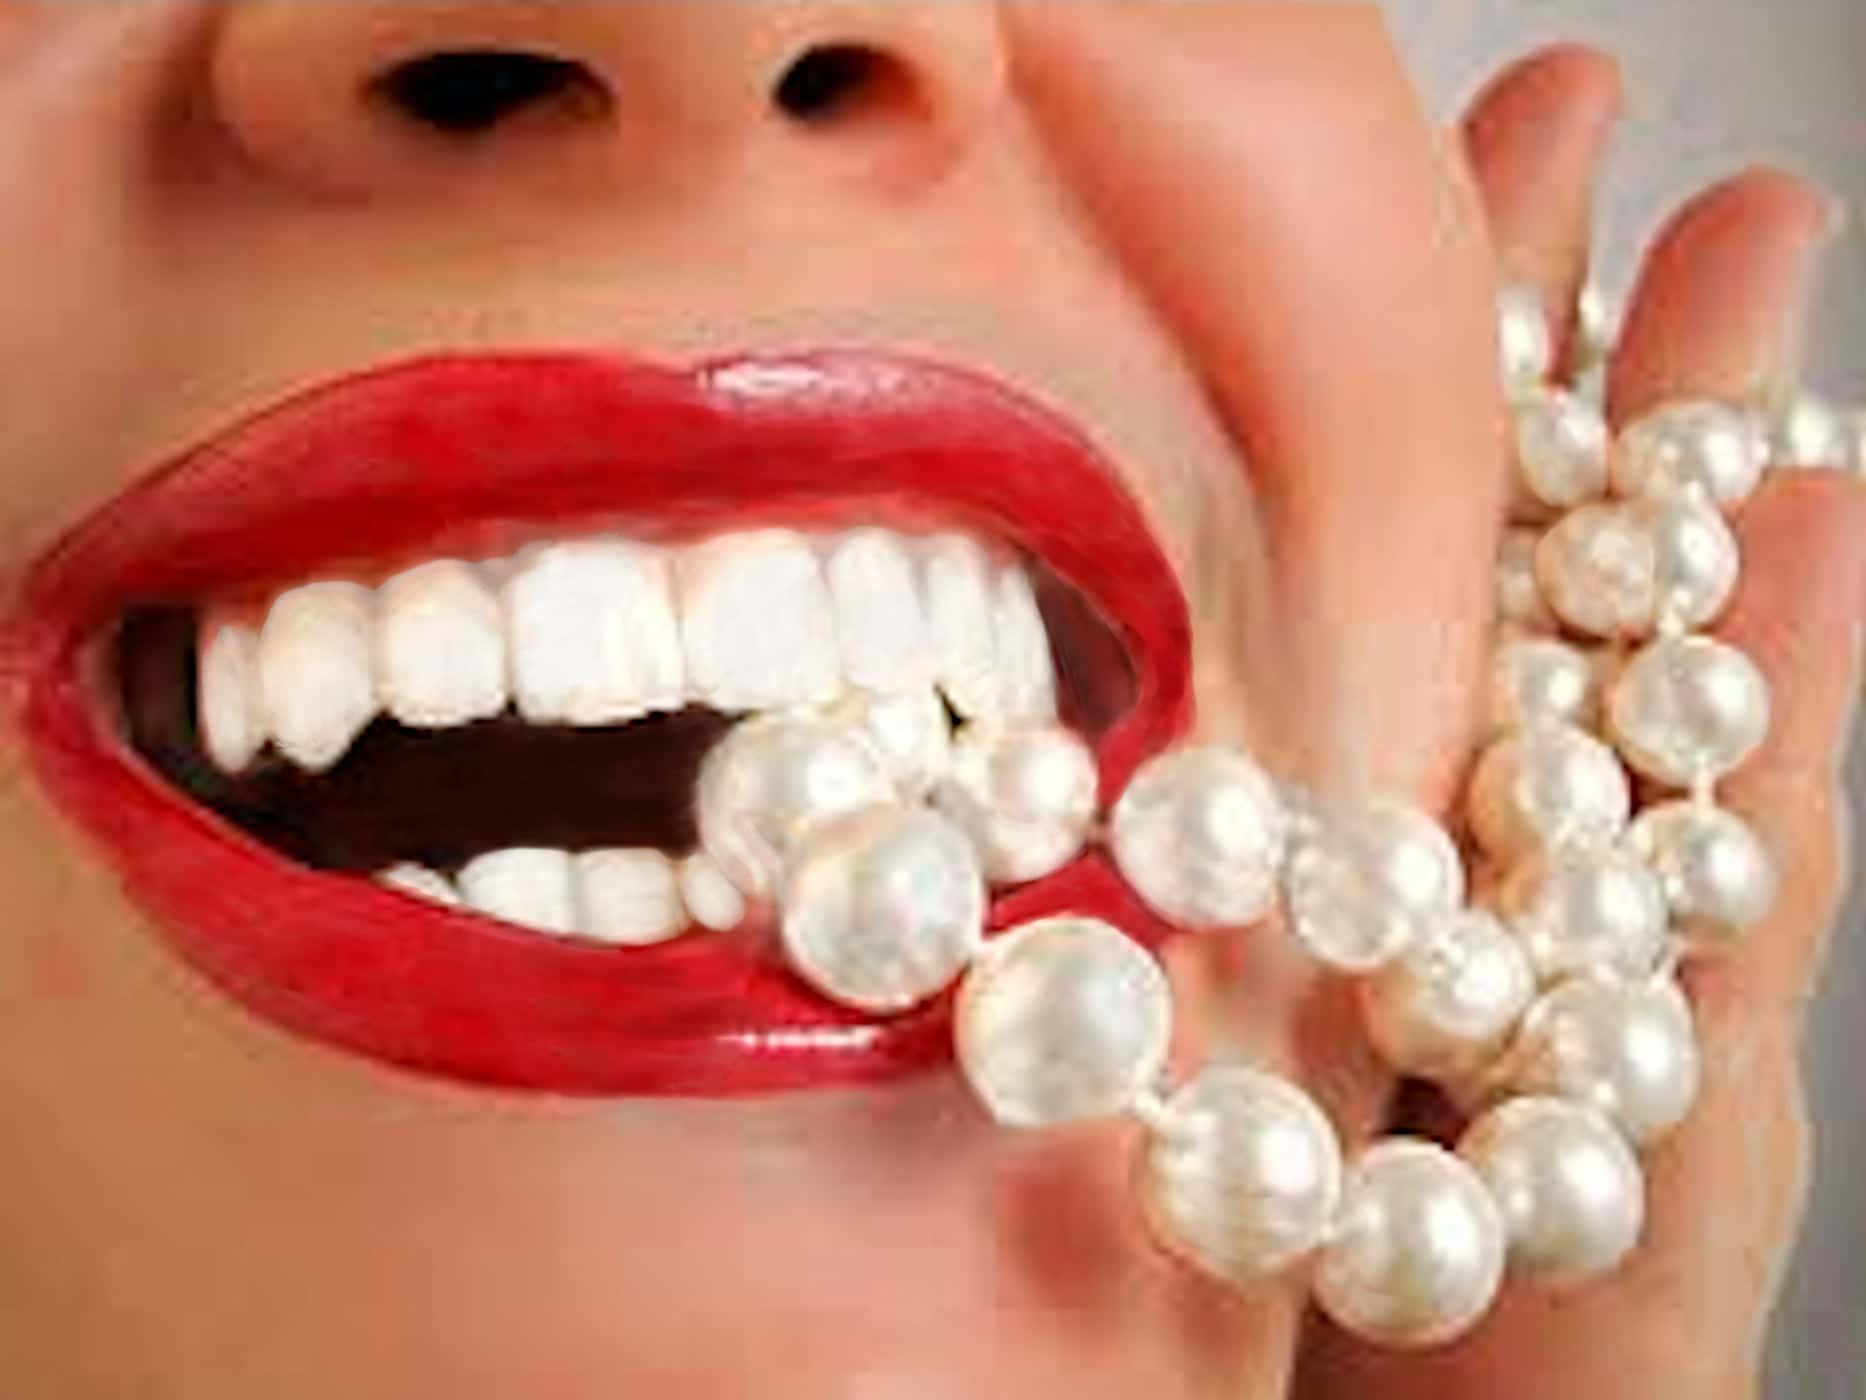 11 bí quyết tẩy trắng răng tại nhà tự nhiên, tiết kiệm và hiệu quả